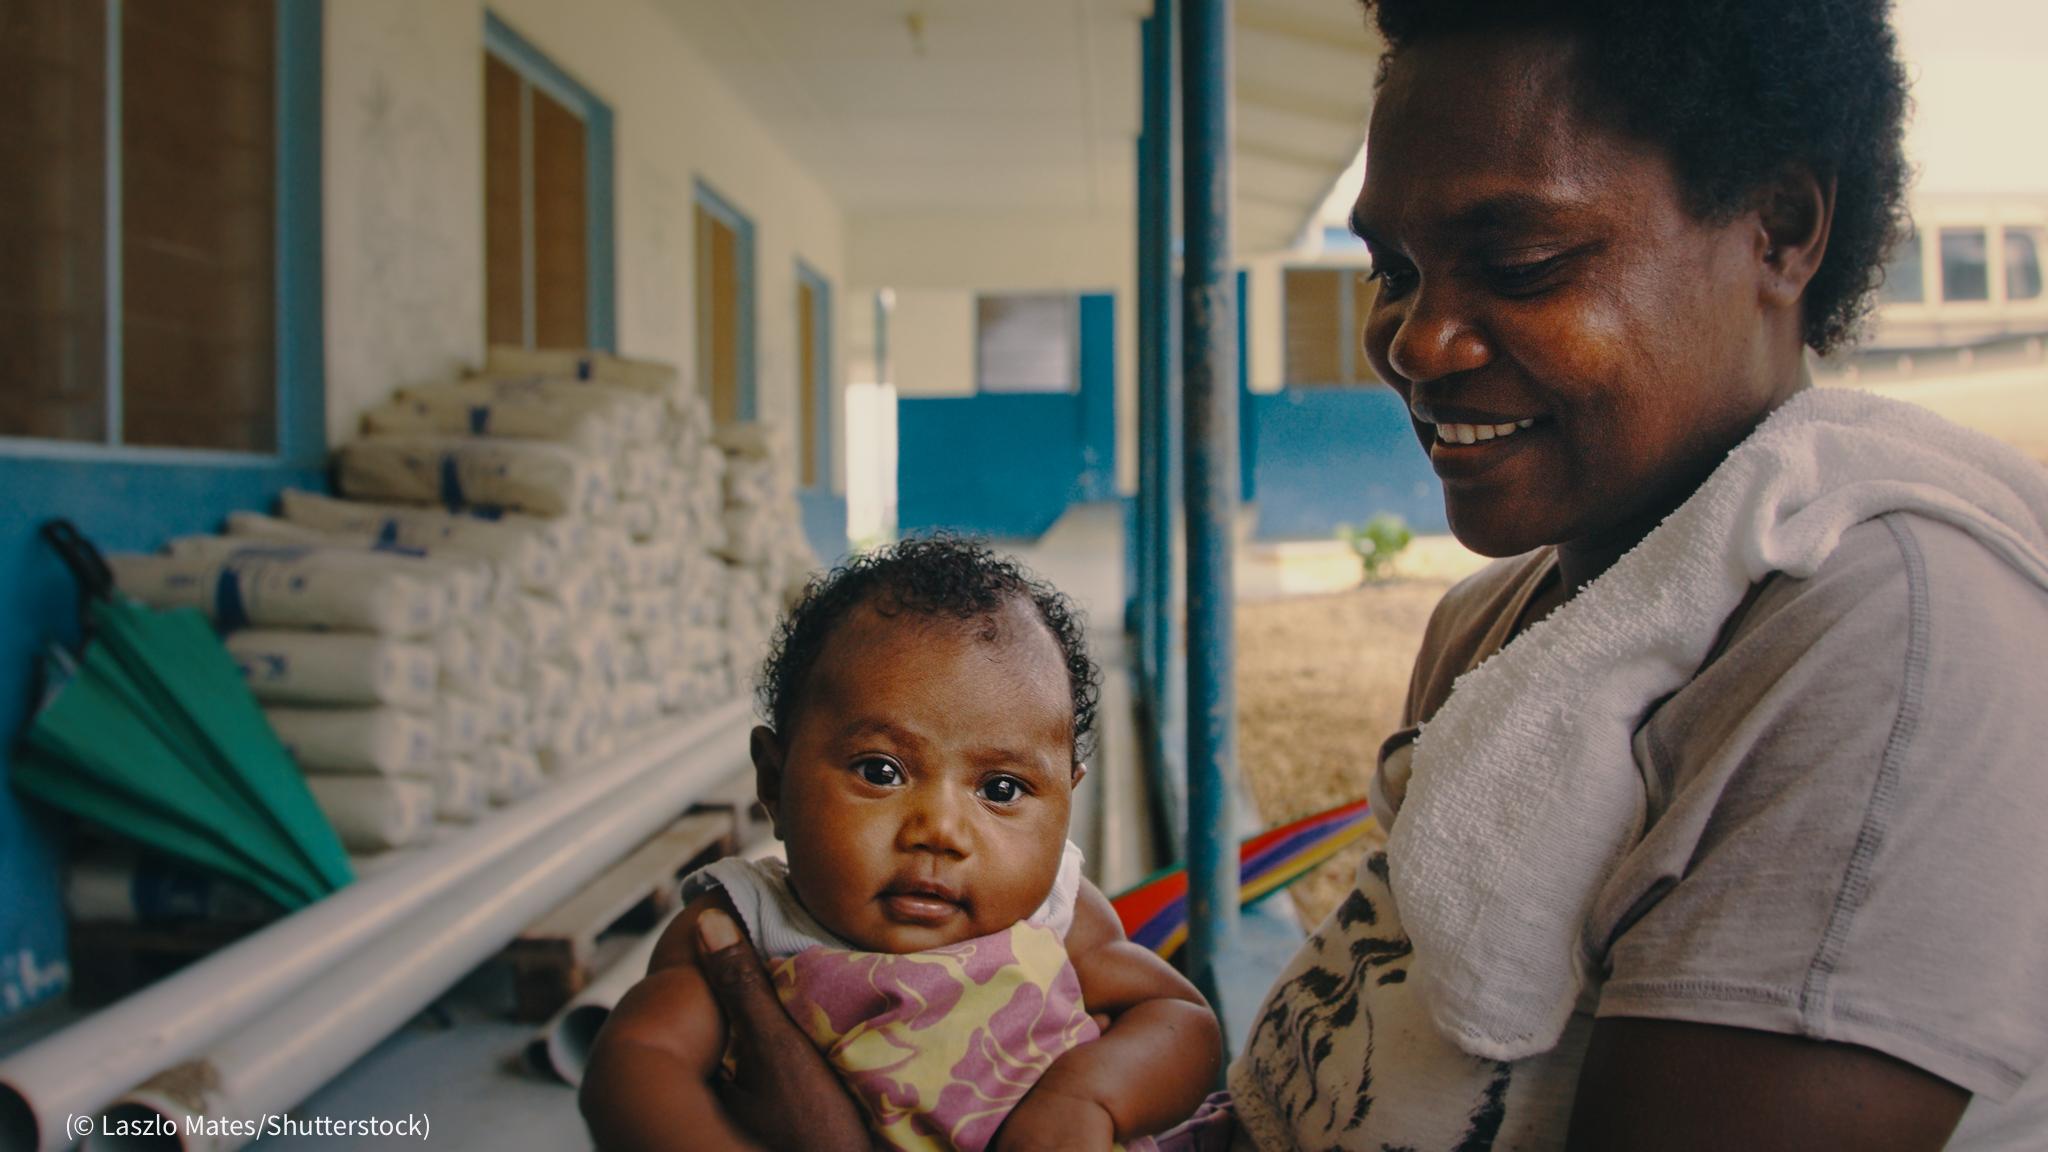 一名妇女抱着婴儿(© Laszlo Mates/Shutterstock)